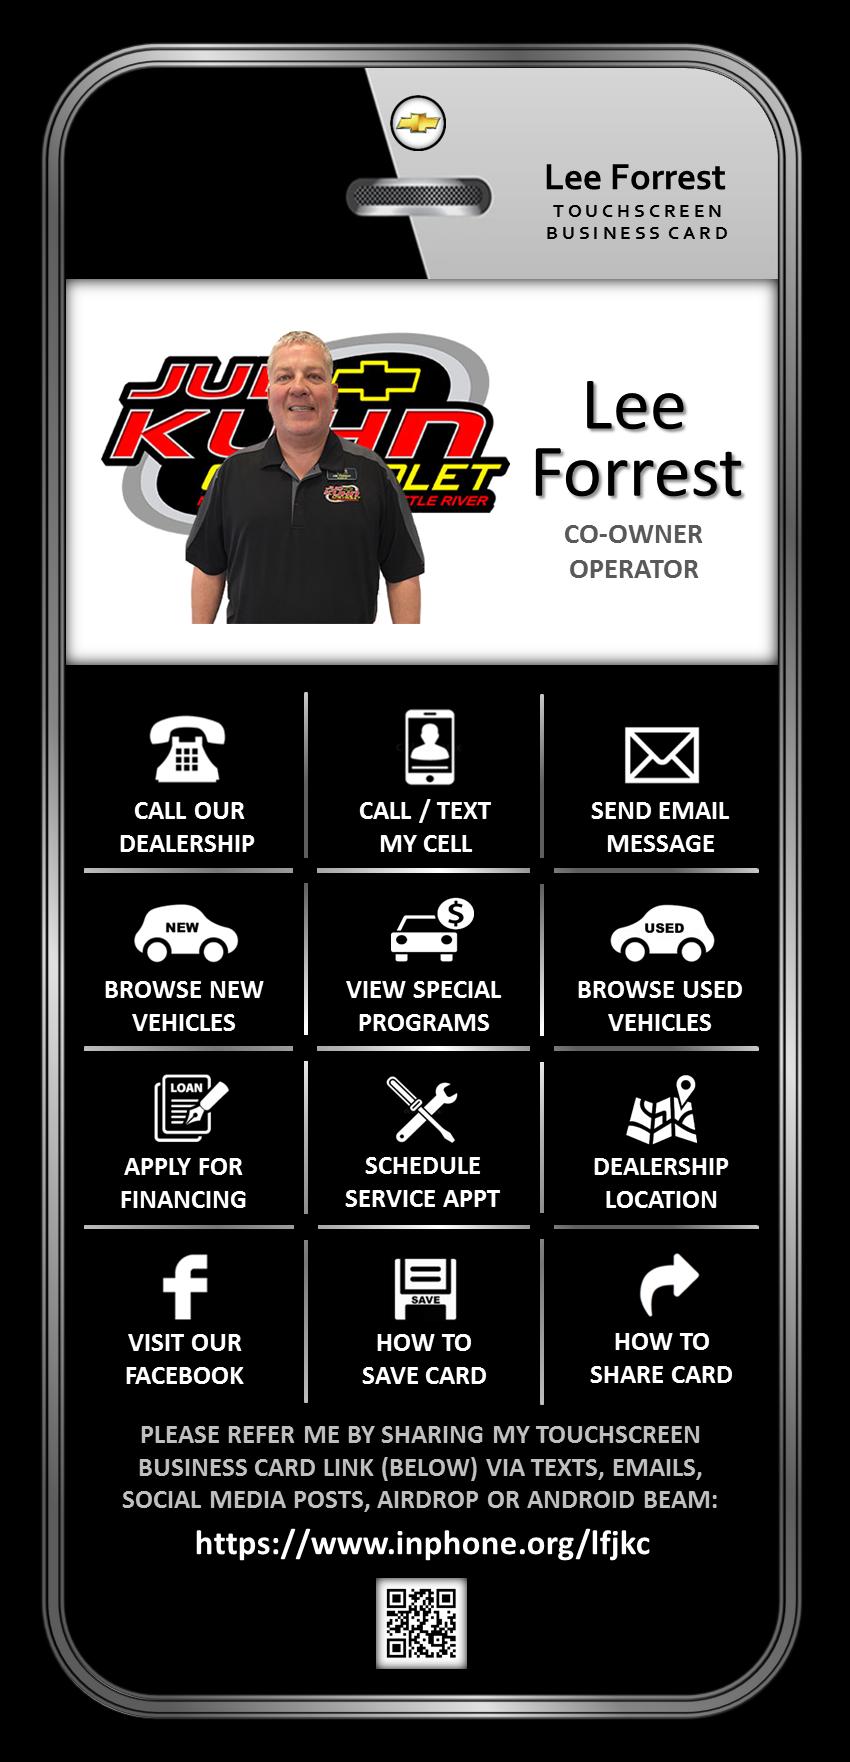 jud kuhn1 - Lee Forrest.png